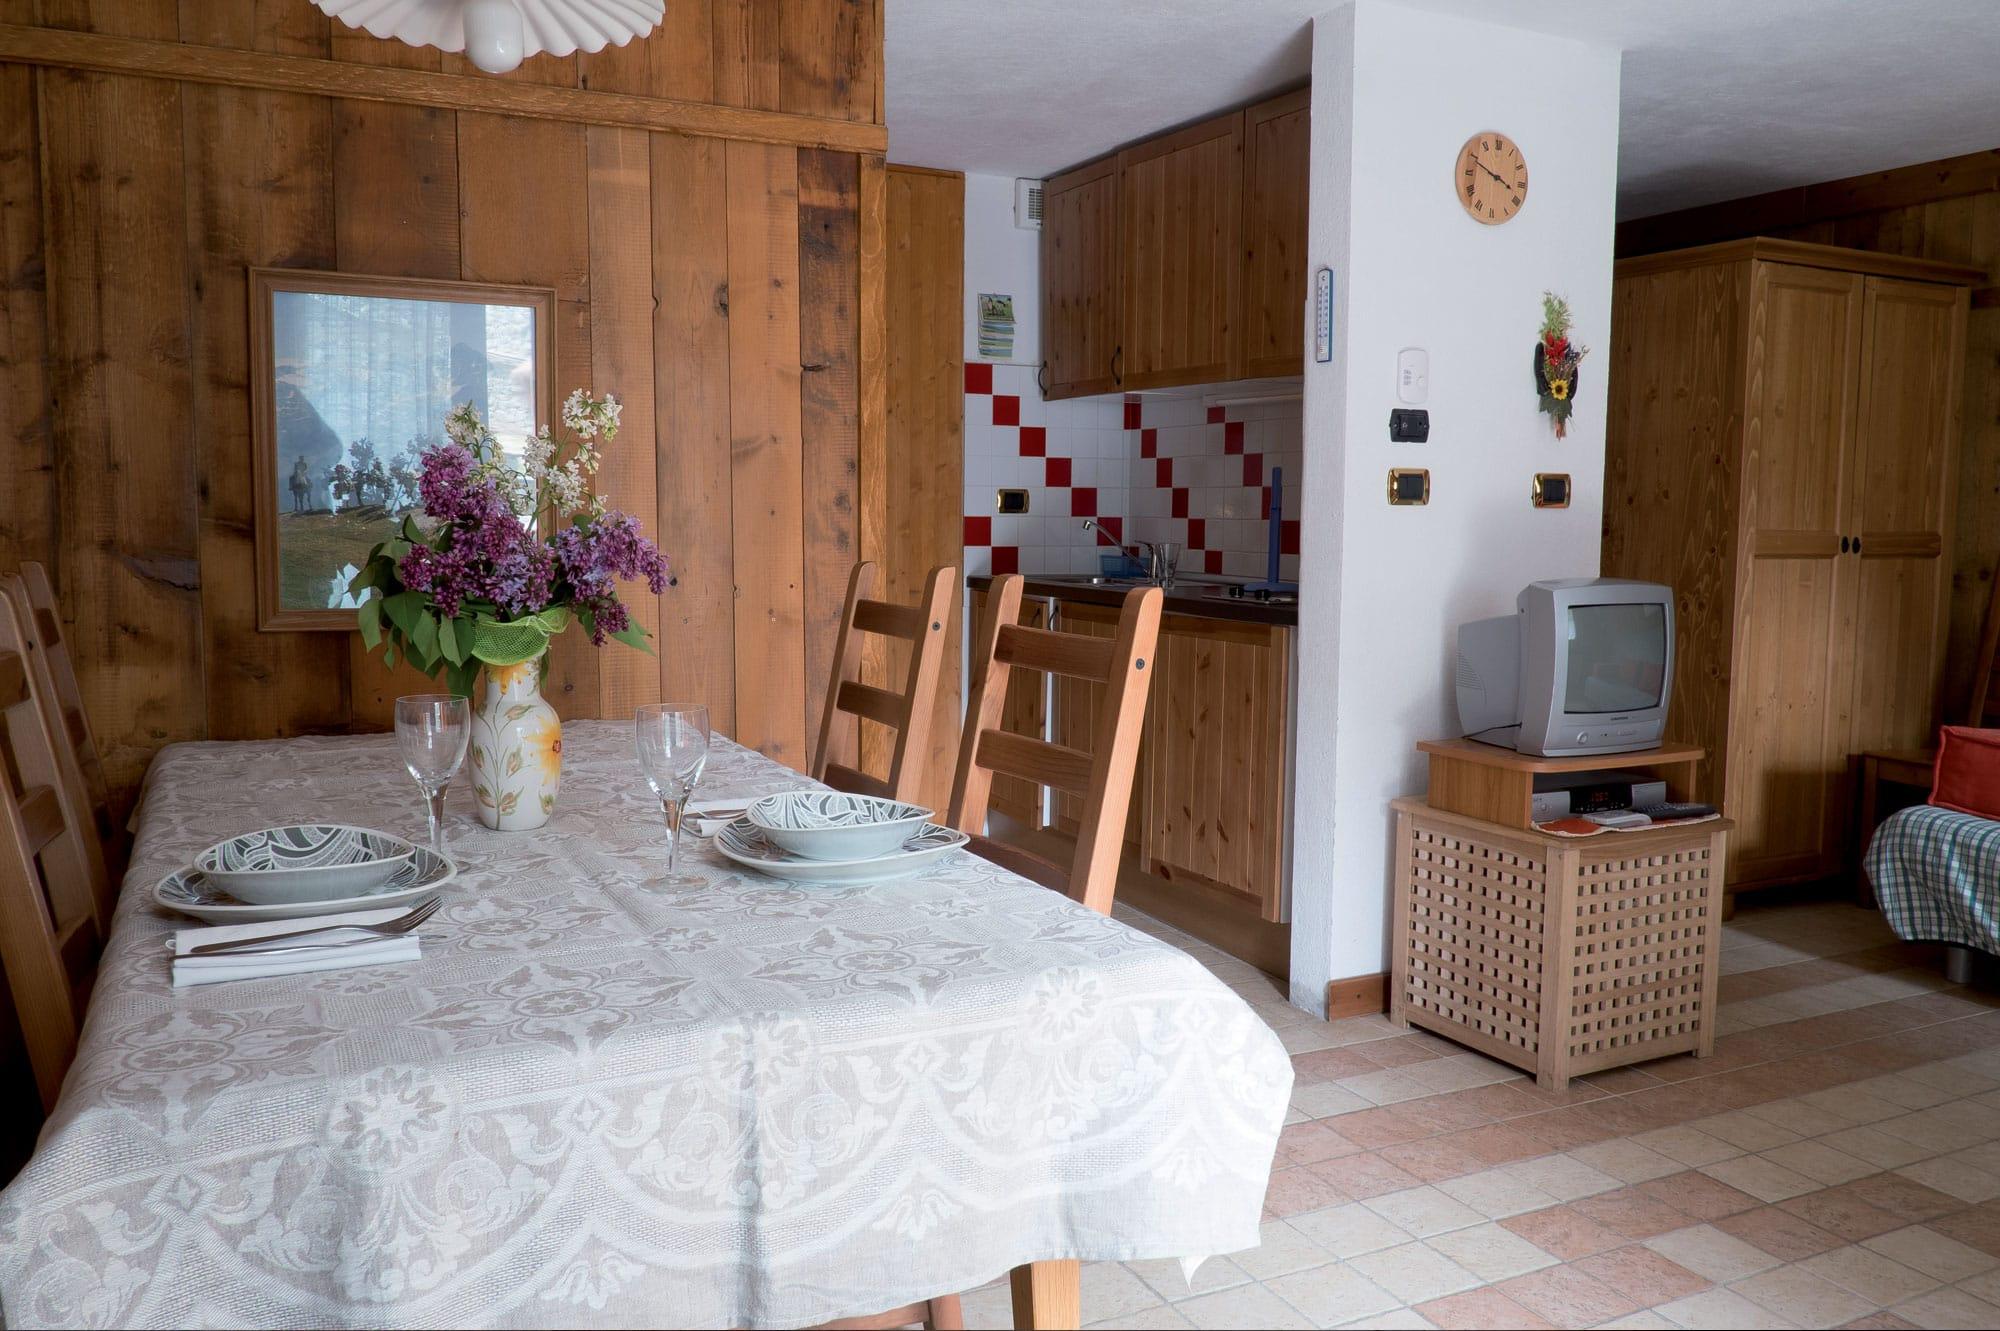 casegranparadiso-villaggio-diffuso-val-di-rhemes-valle-d-aosta-slide03